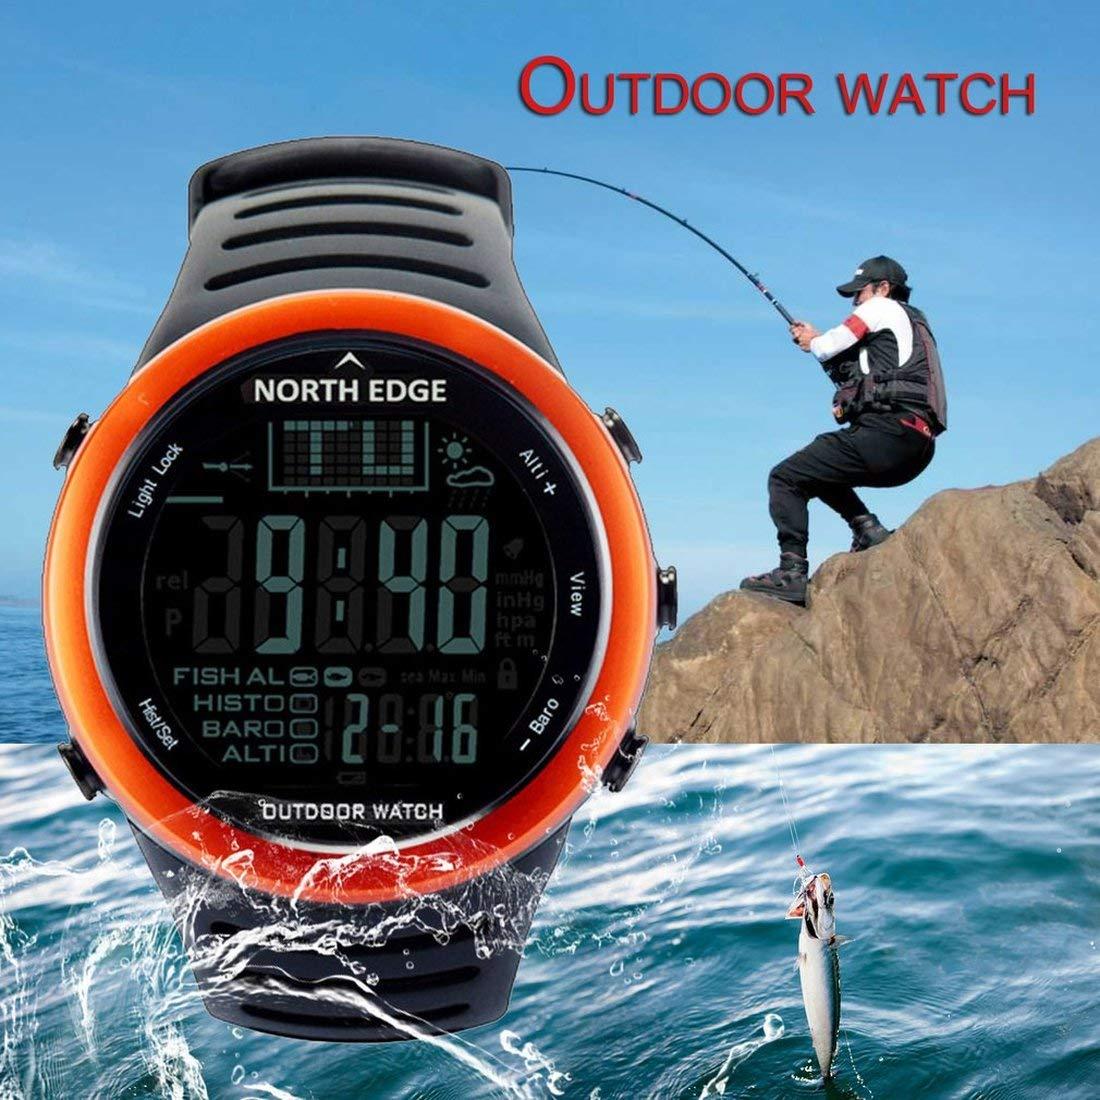 North Edge 720 Reloj de Pesca al Aire Libre termómetro barómetro del termómetro Hombres Deportes Digitales Inteligentes Reloj para Escalar Senderismo: ...